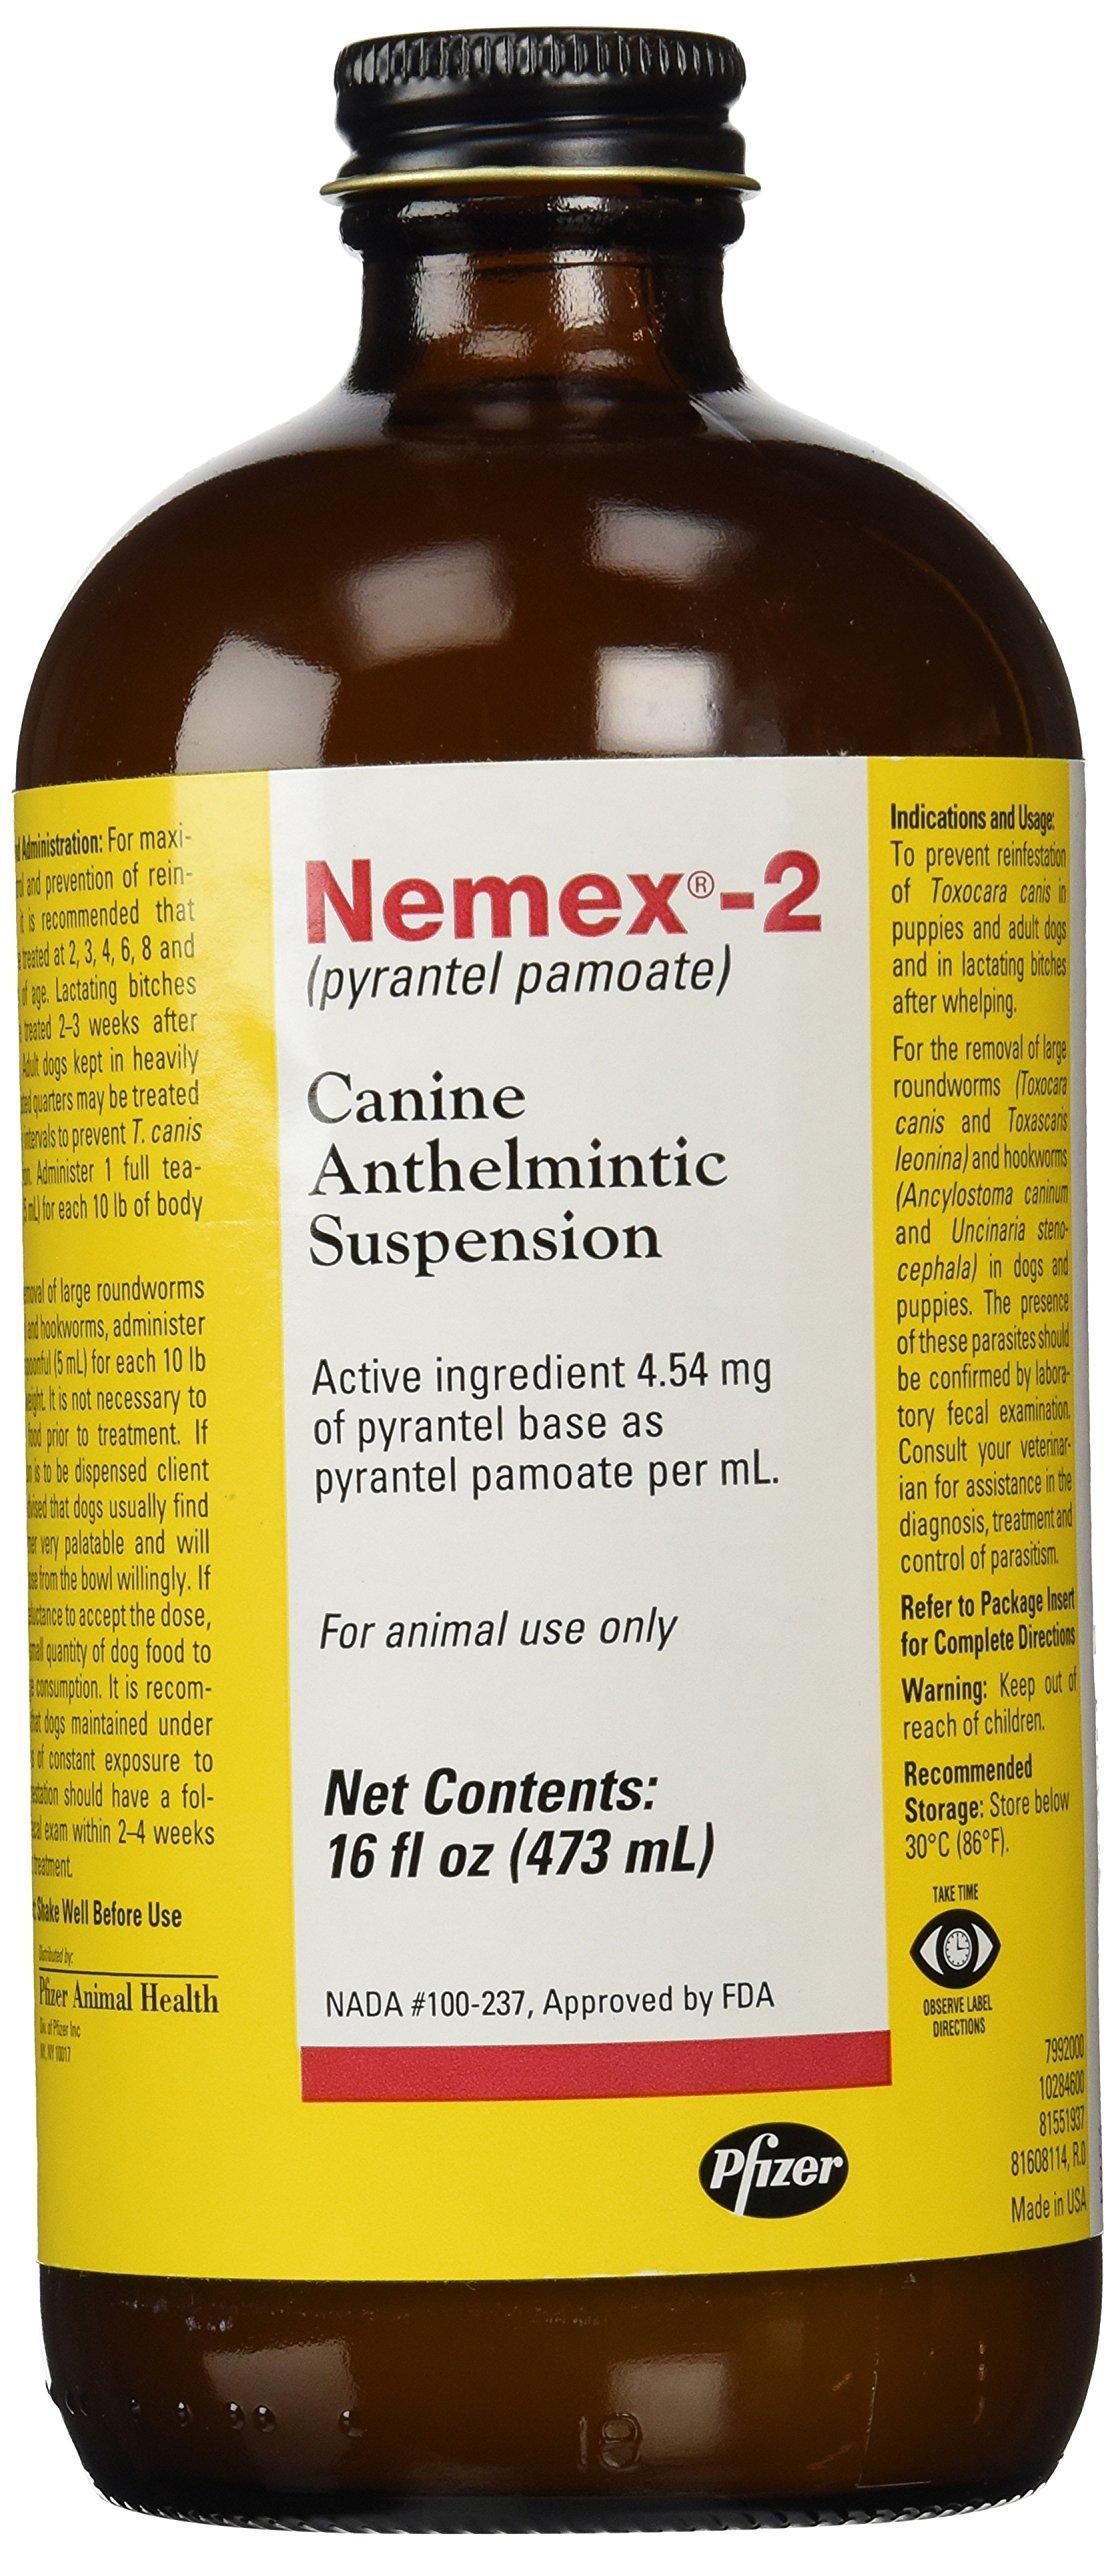 Pfizer Nemex-2 Canine Anthelmintic Dog De-Wormer, 16-Ounce